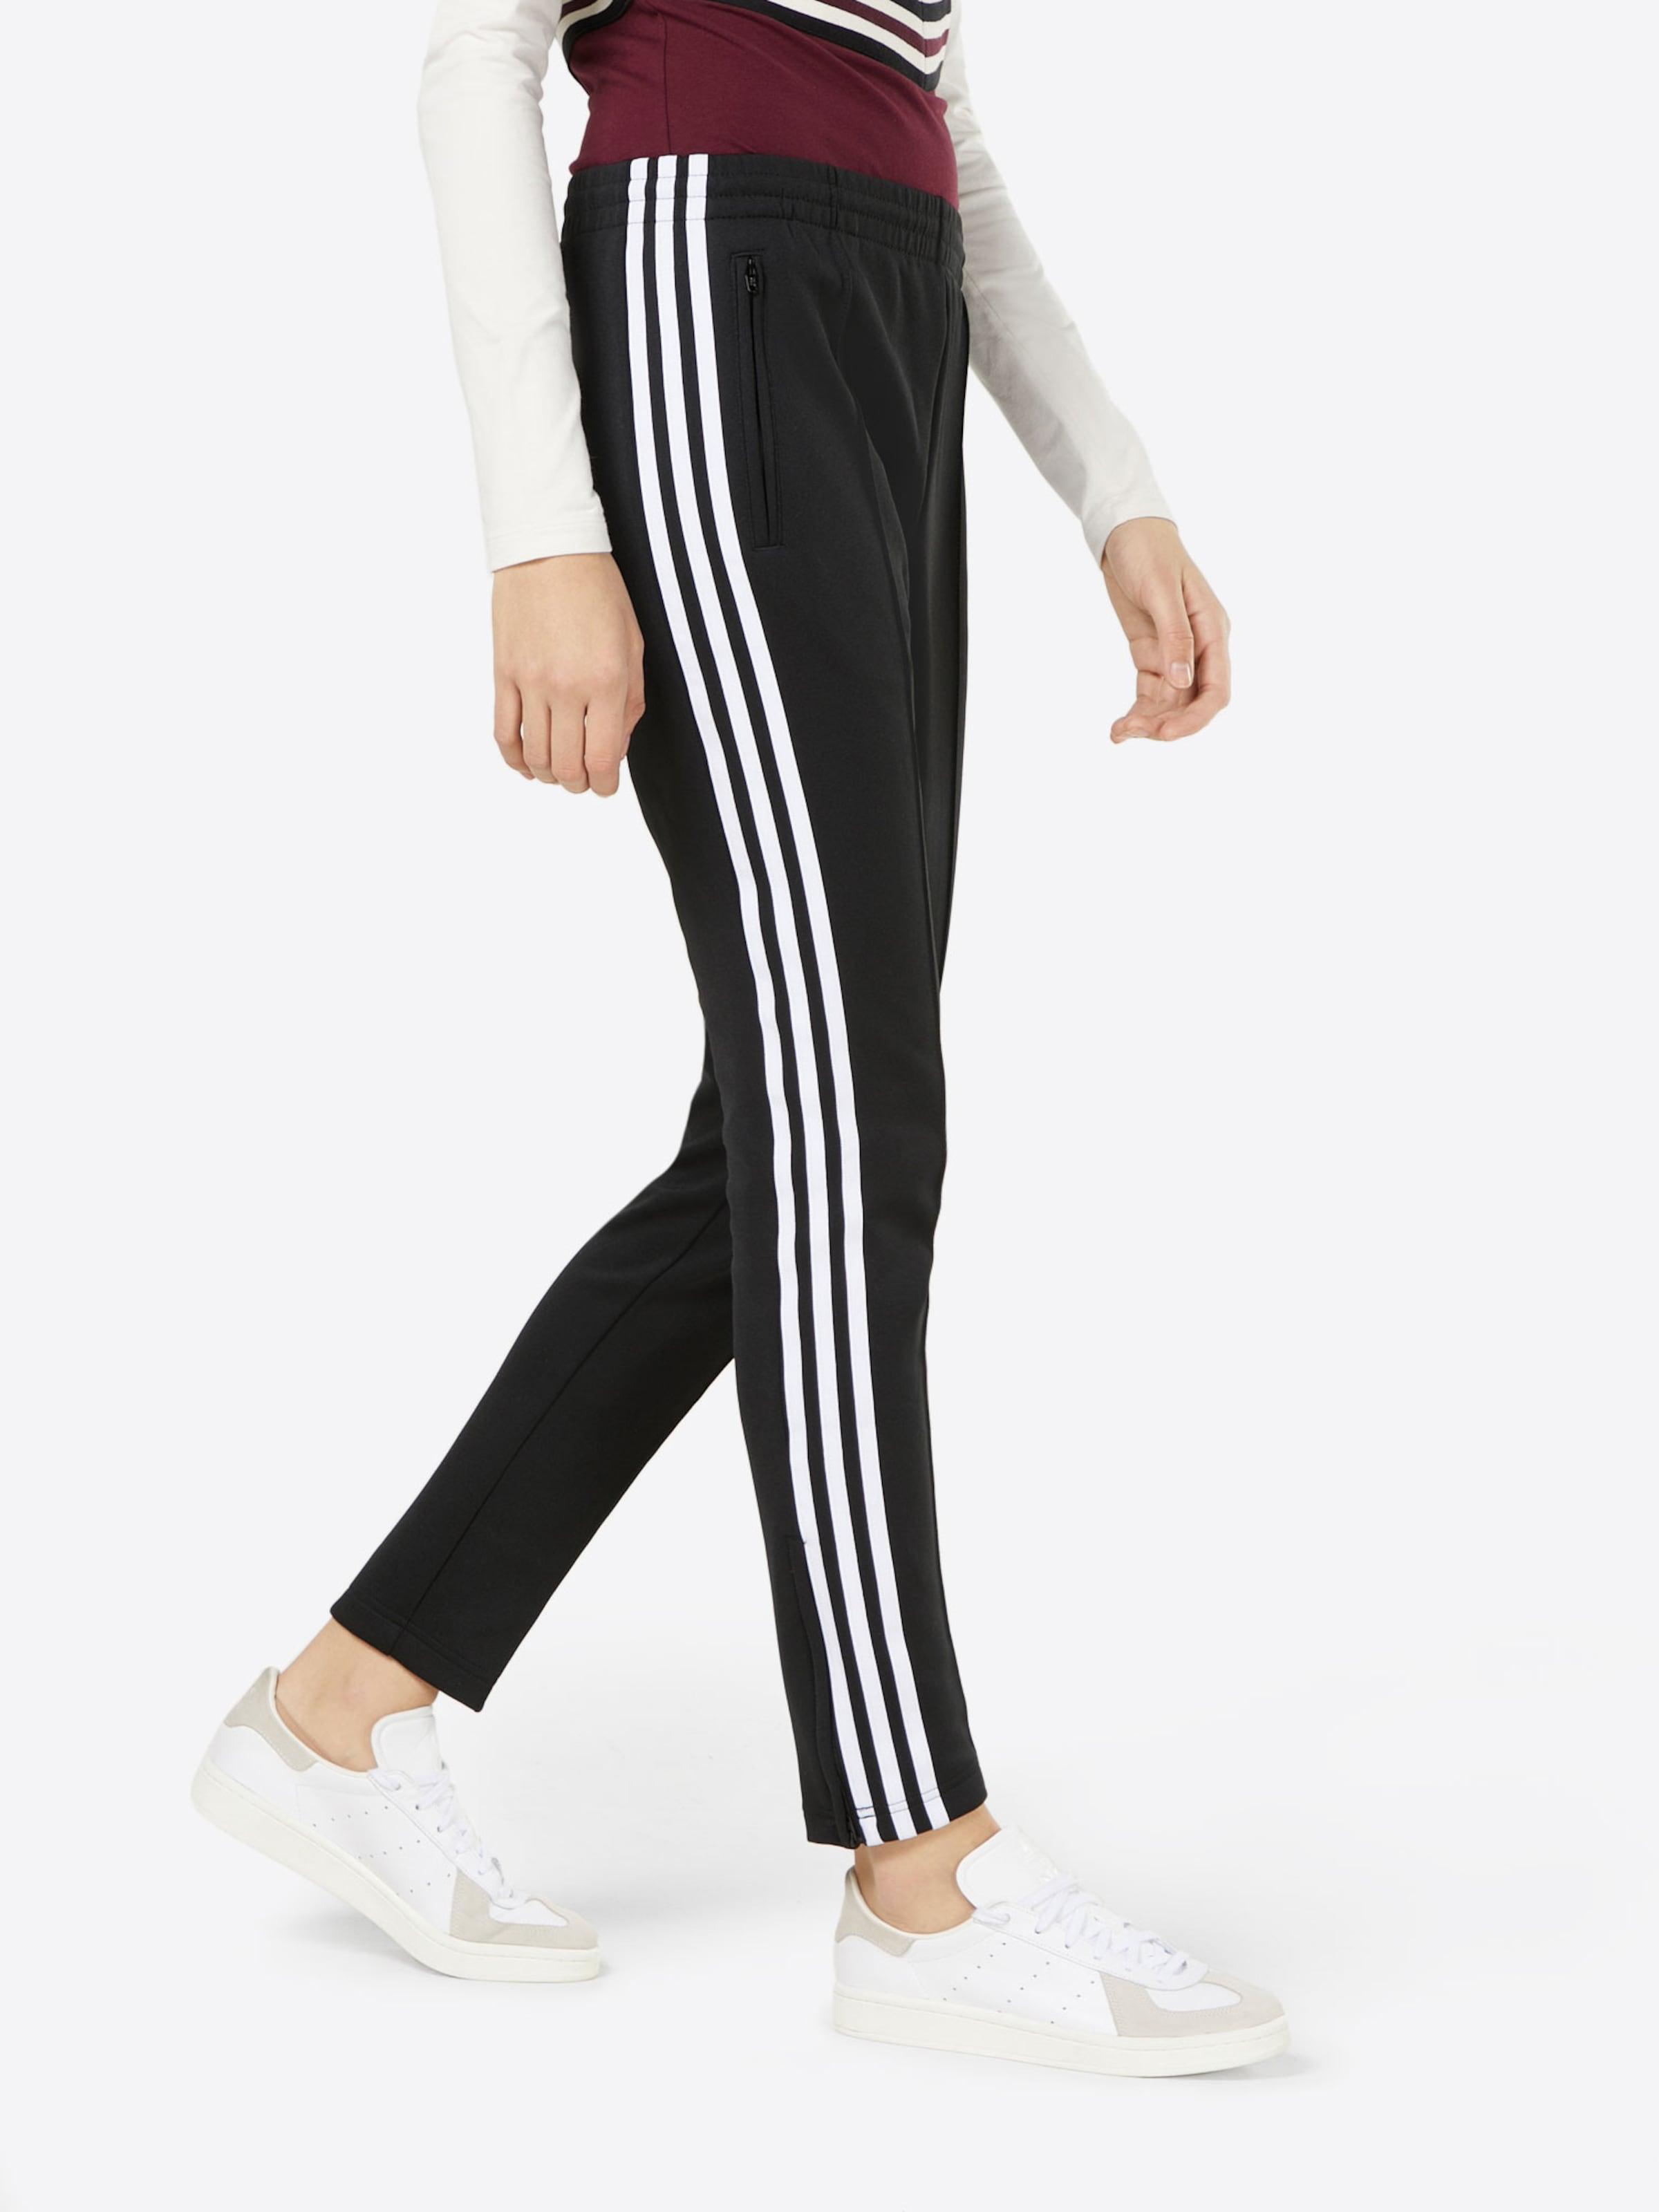 Adidas SchwarzWeiß Stoffhose Stoffhose Stoffhose In SchwarzWeiß In Originals Originals Adidas Originals In Adidas 6fyIY7bvg